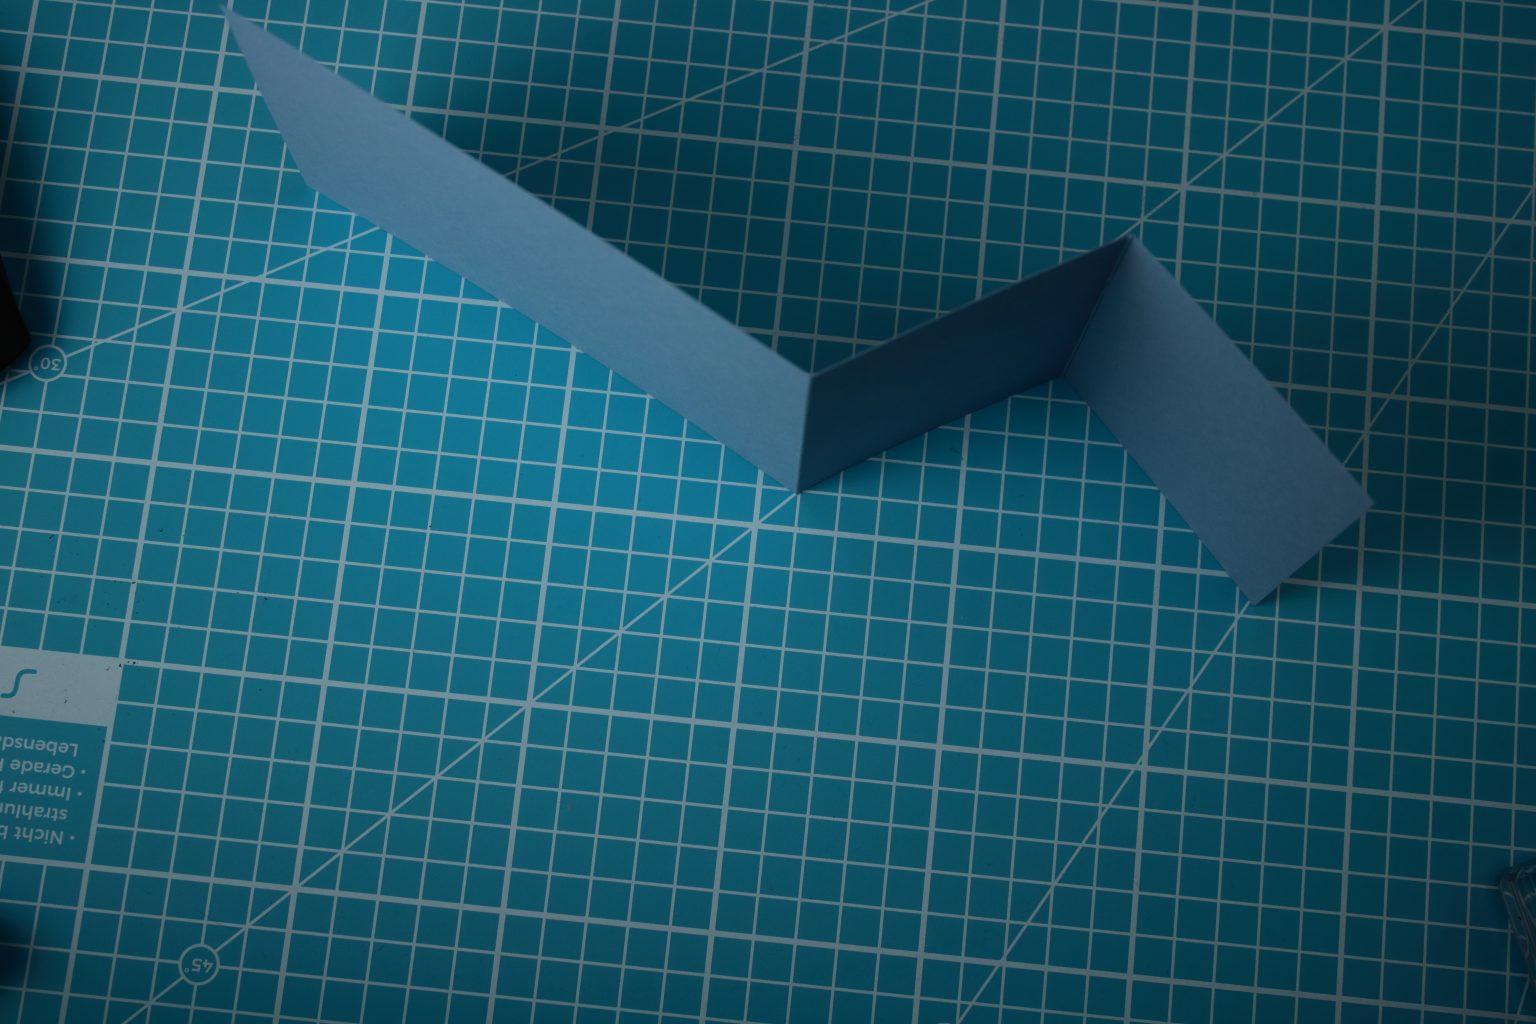 Angefangen hab ich mit einem Farbkarton mit den Maßen 10,5 cm x 29,85 cm. Diesen habe ich bei 14,9 cm und 7,45 cm gefalzt.